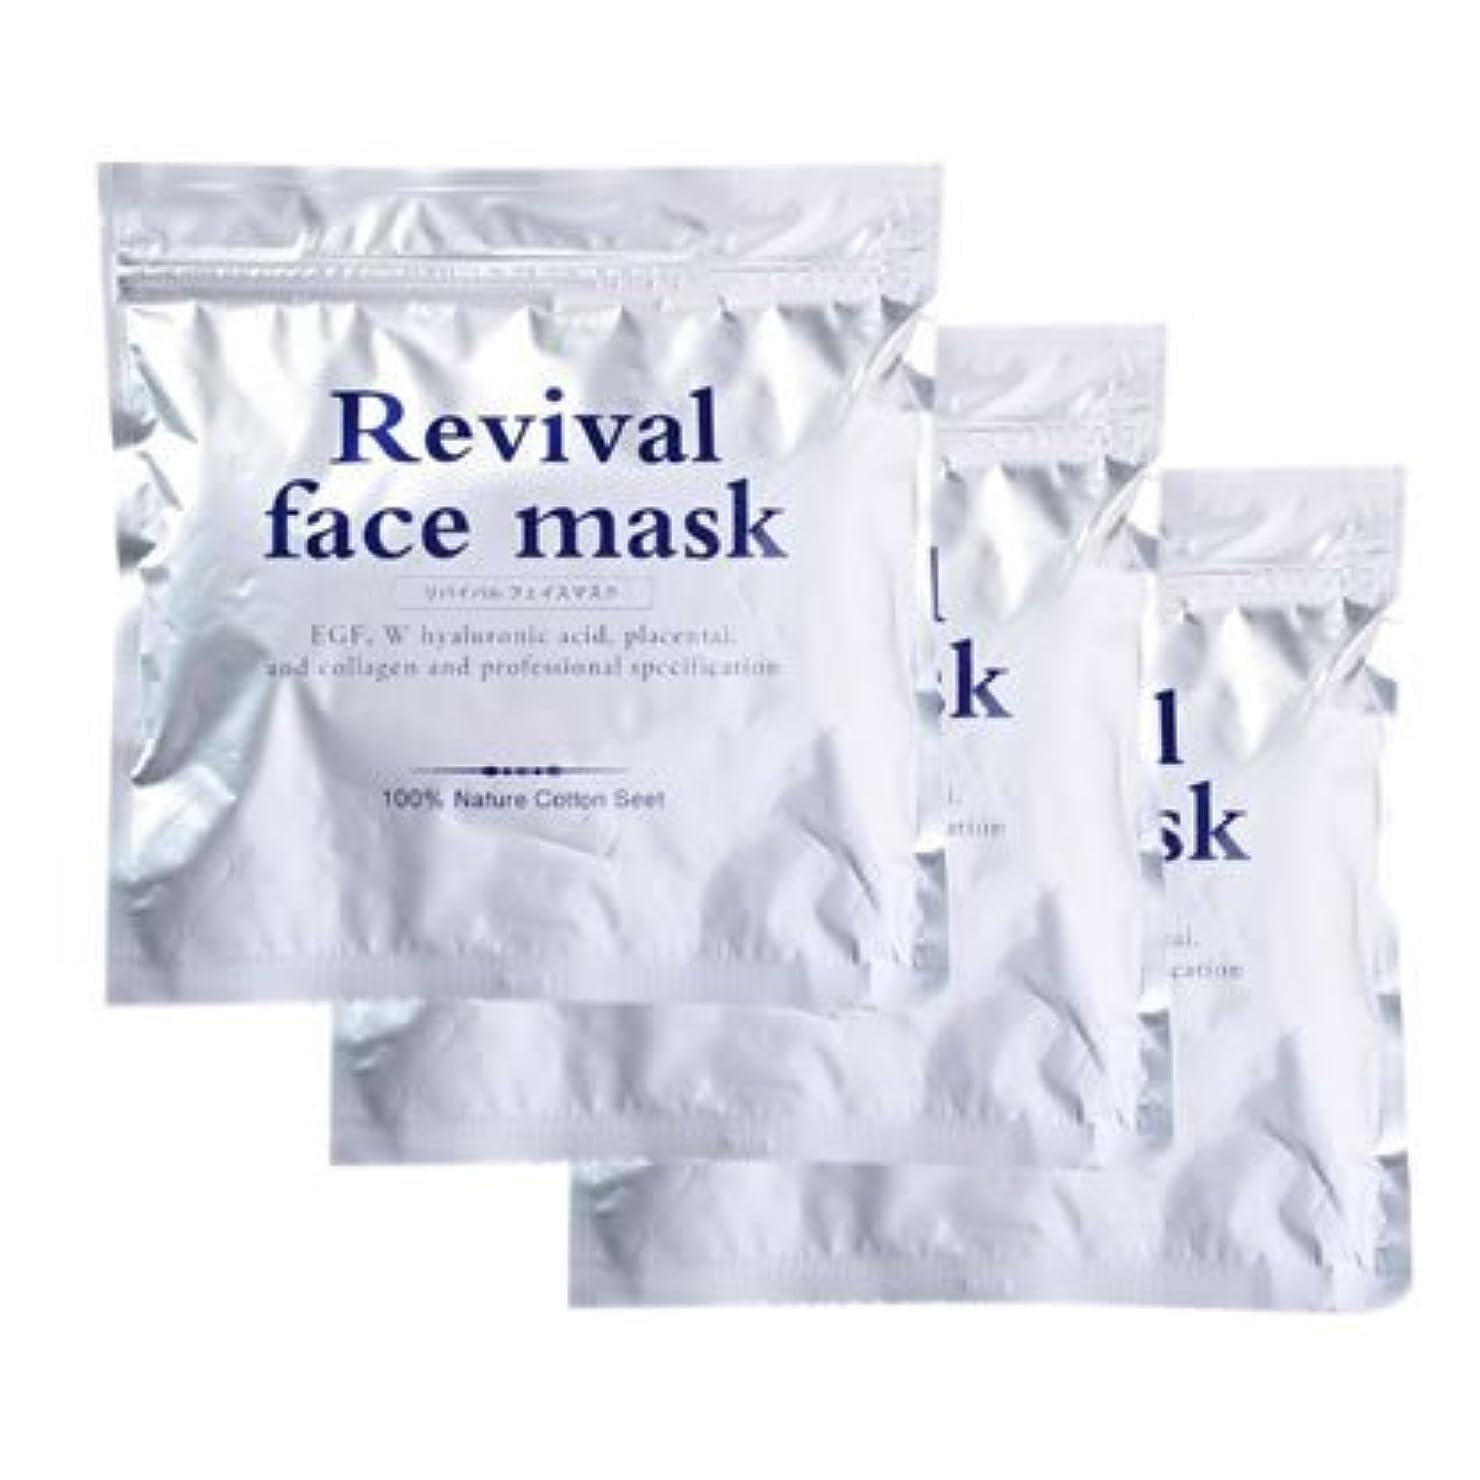 修復詩人異常リバイバルフェイスマスク 90枚セット(30枚×3袋)